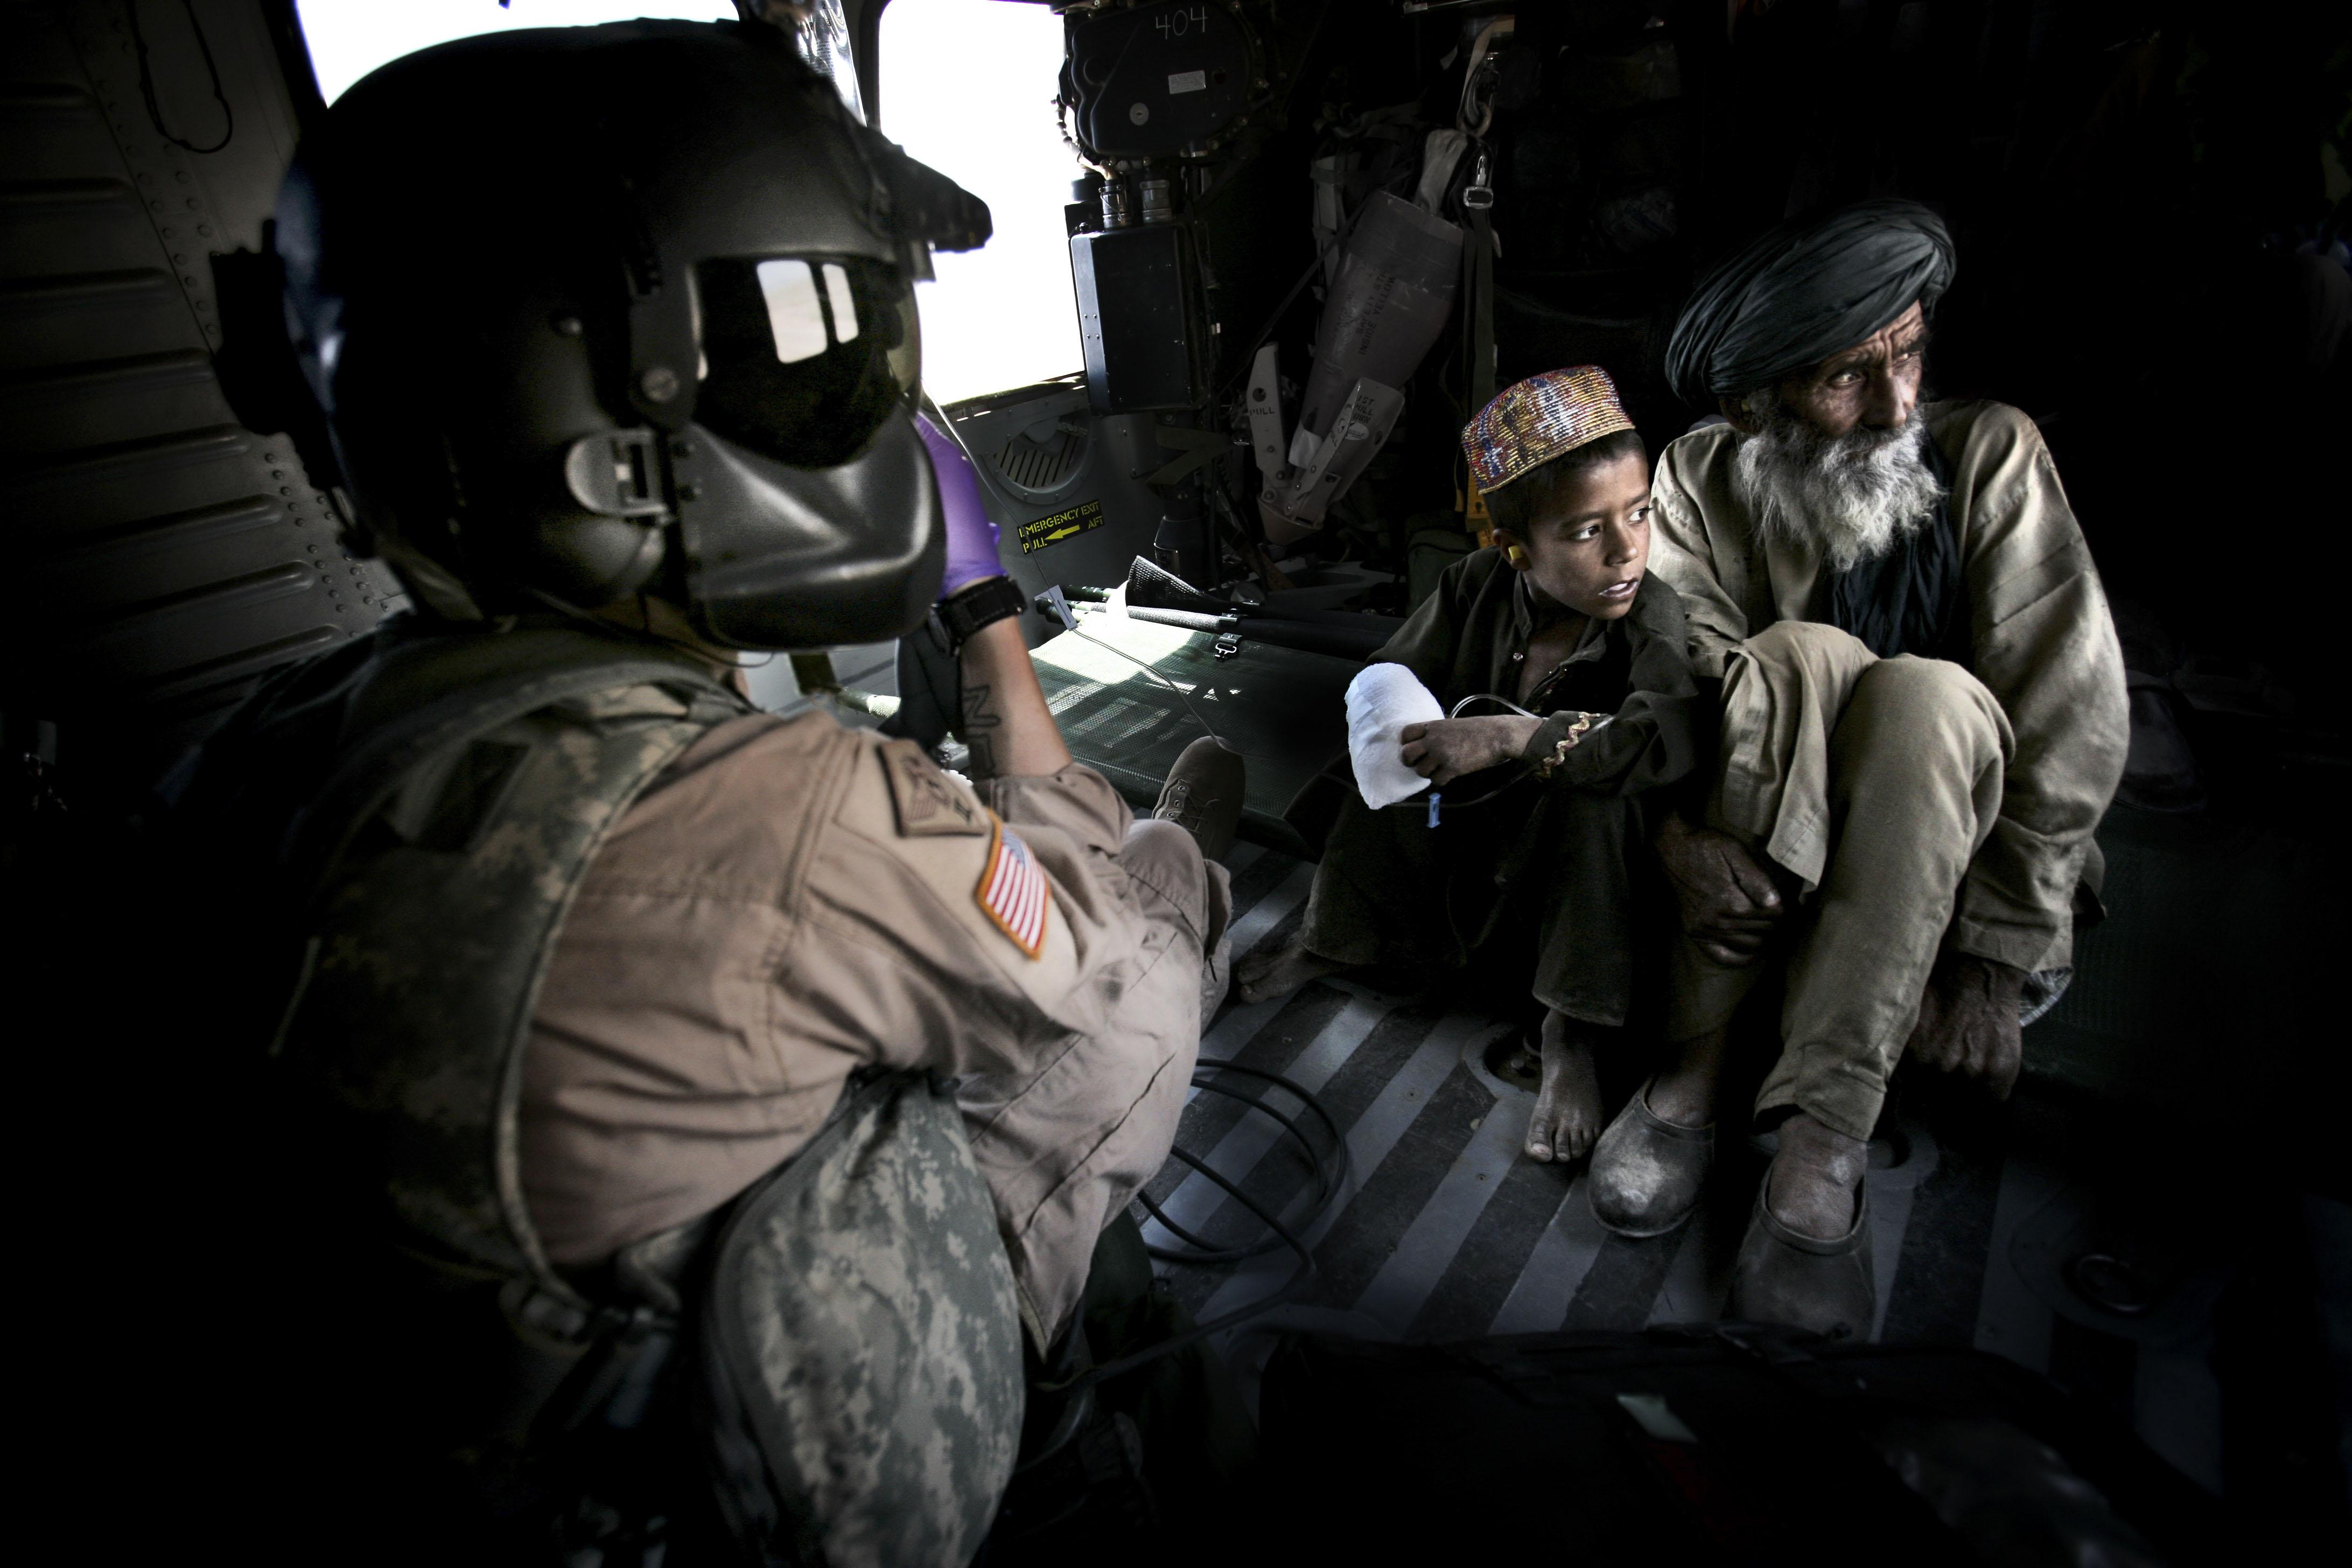 Un petit garçon s'est fait explosé la main avec une grenade. Les américains l'évacue avec son père en hélicoptère pour qu'il reçoive des soins dans un de leur hôpital militaire.